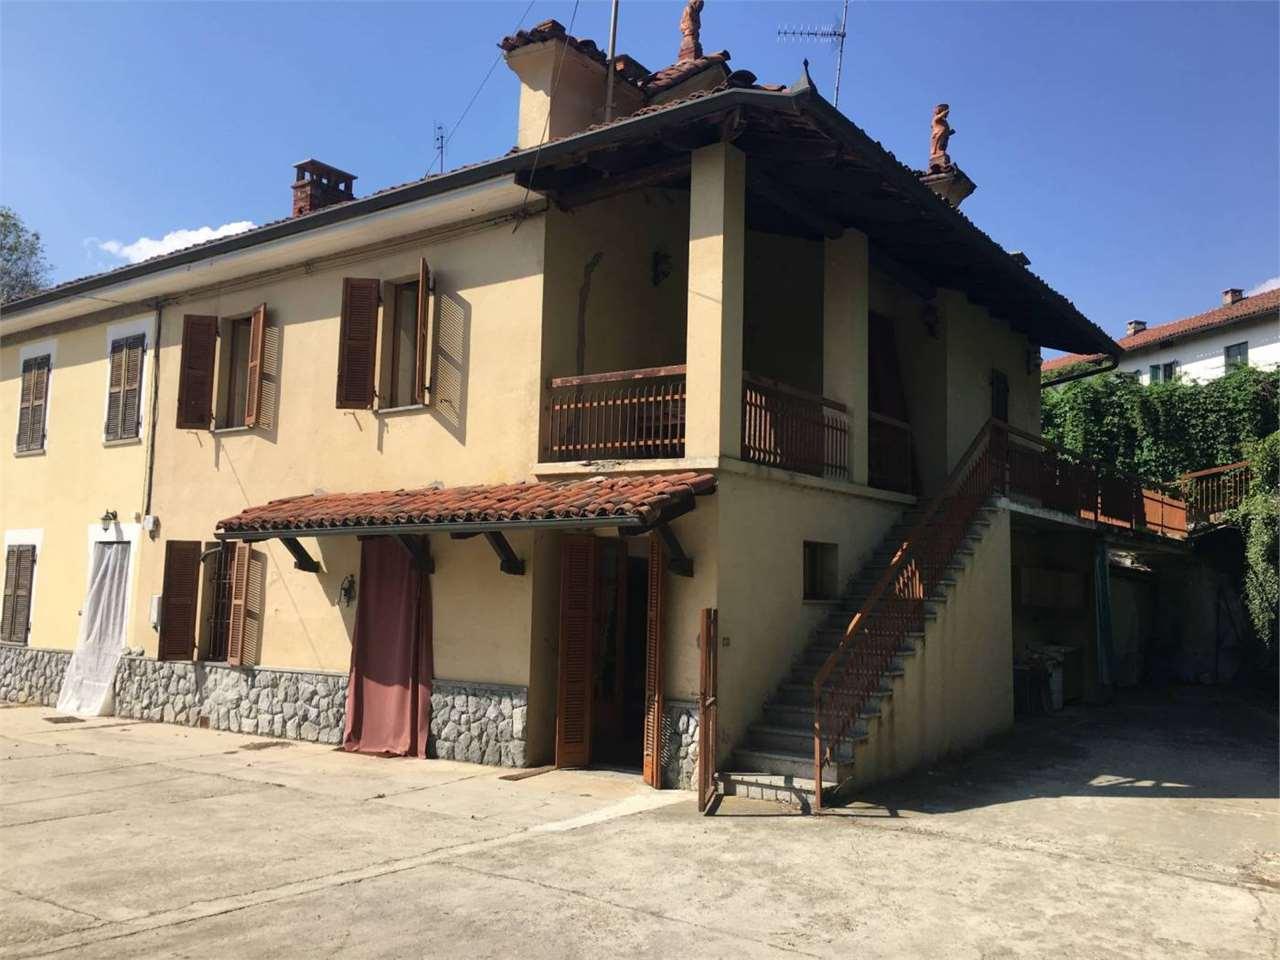 Rustico / Casale in vendita a Camerano Casasco, 5 locali, prezzo € 60.000 | PortaleAgenzieImmobiliari.it